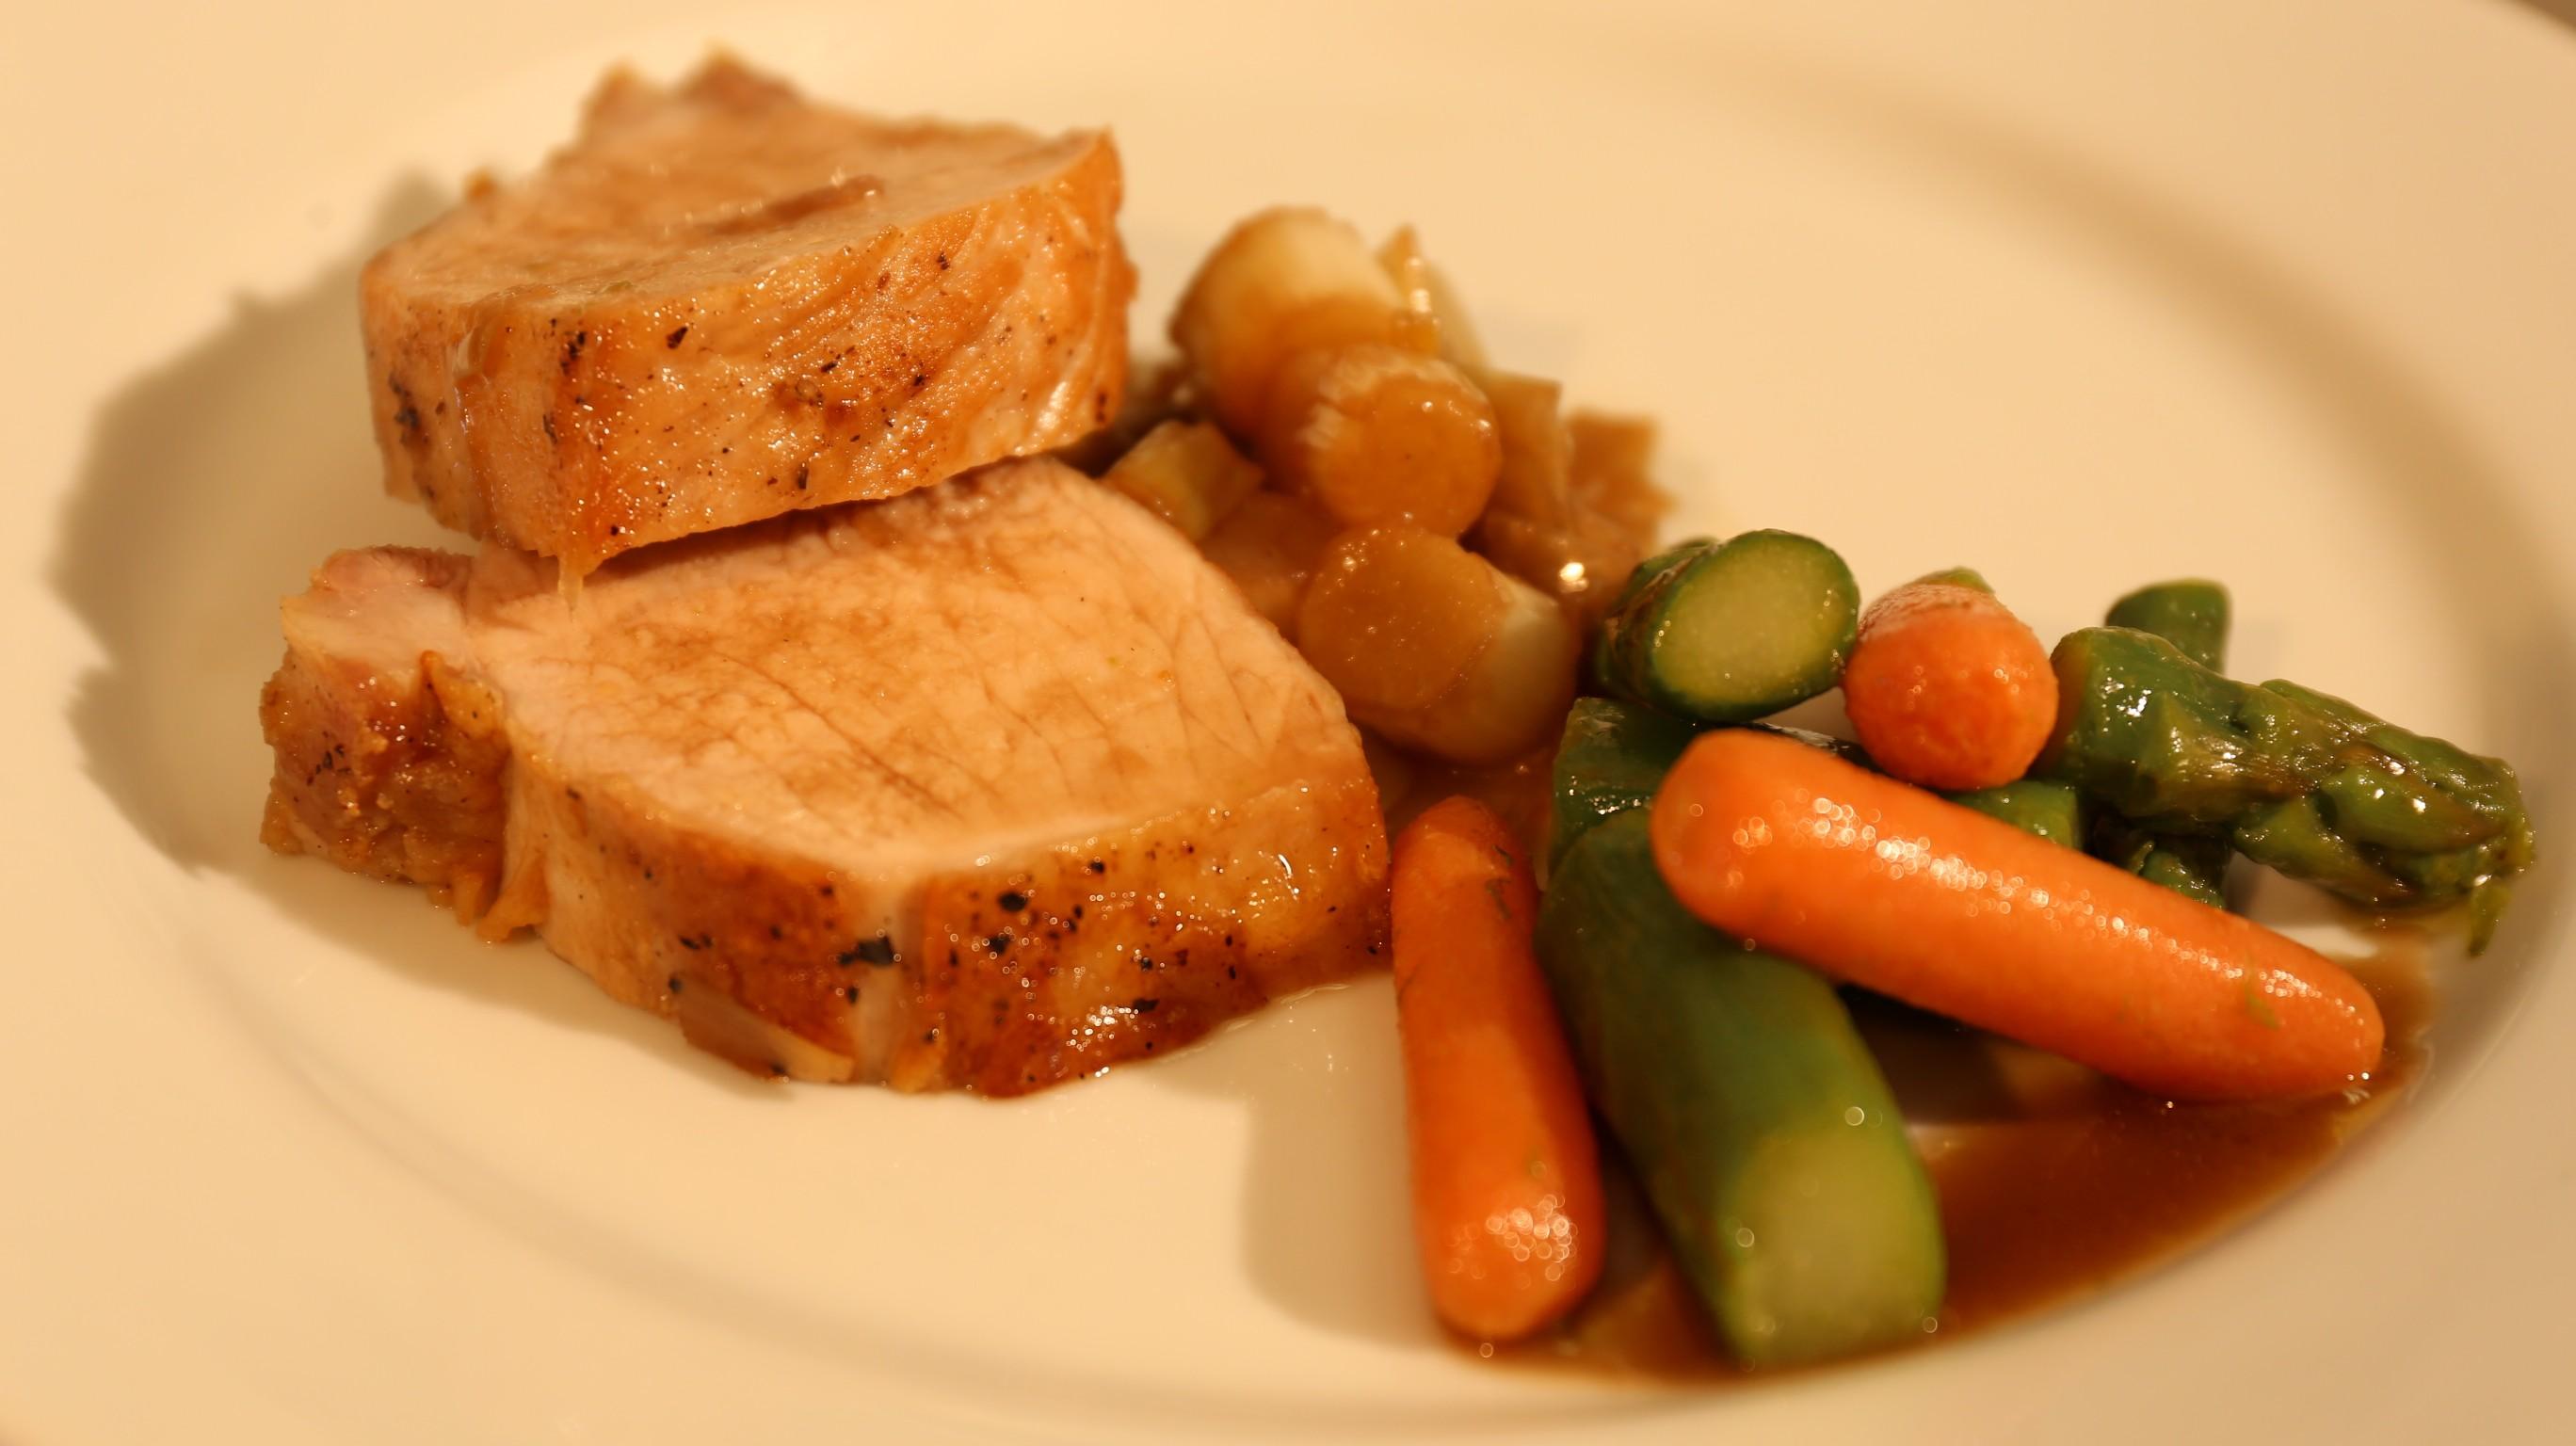 Receita: filé de porco com maçã e alho poró é prato simples e delicioso